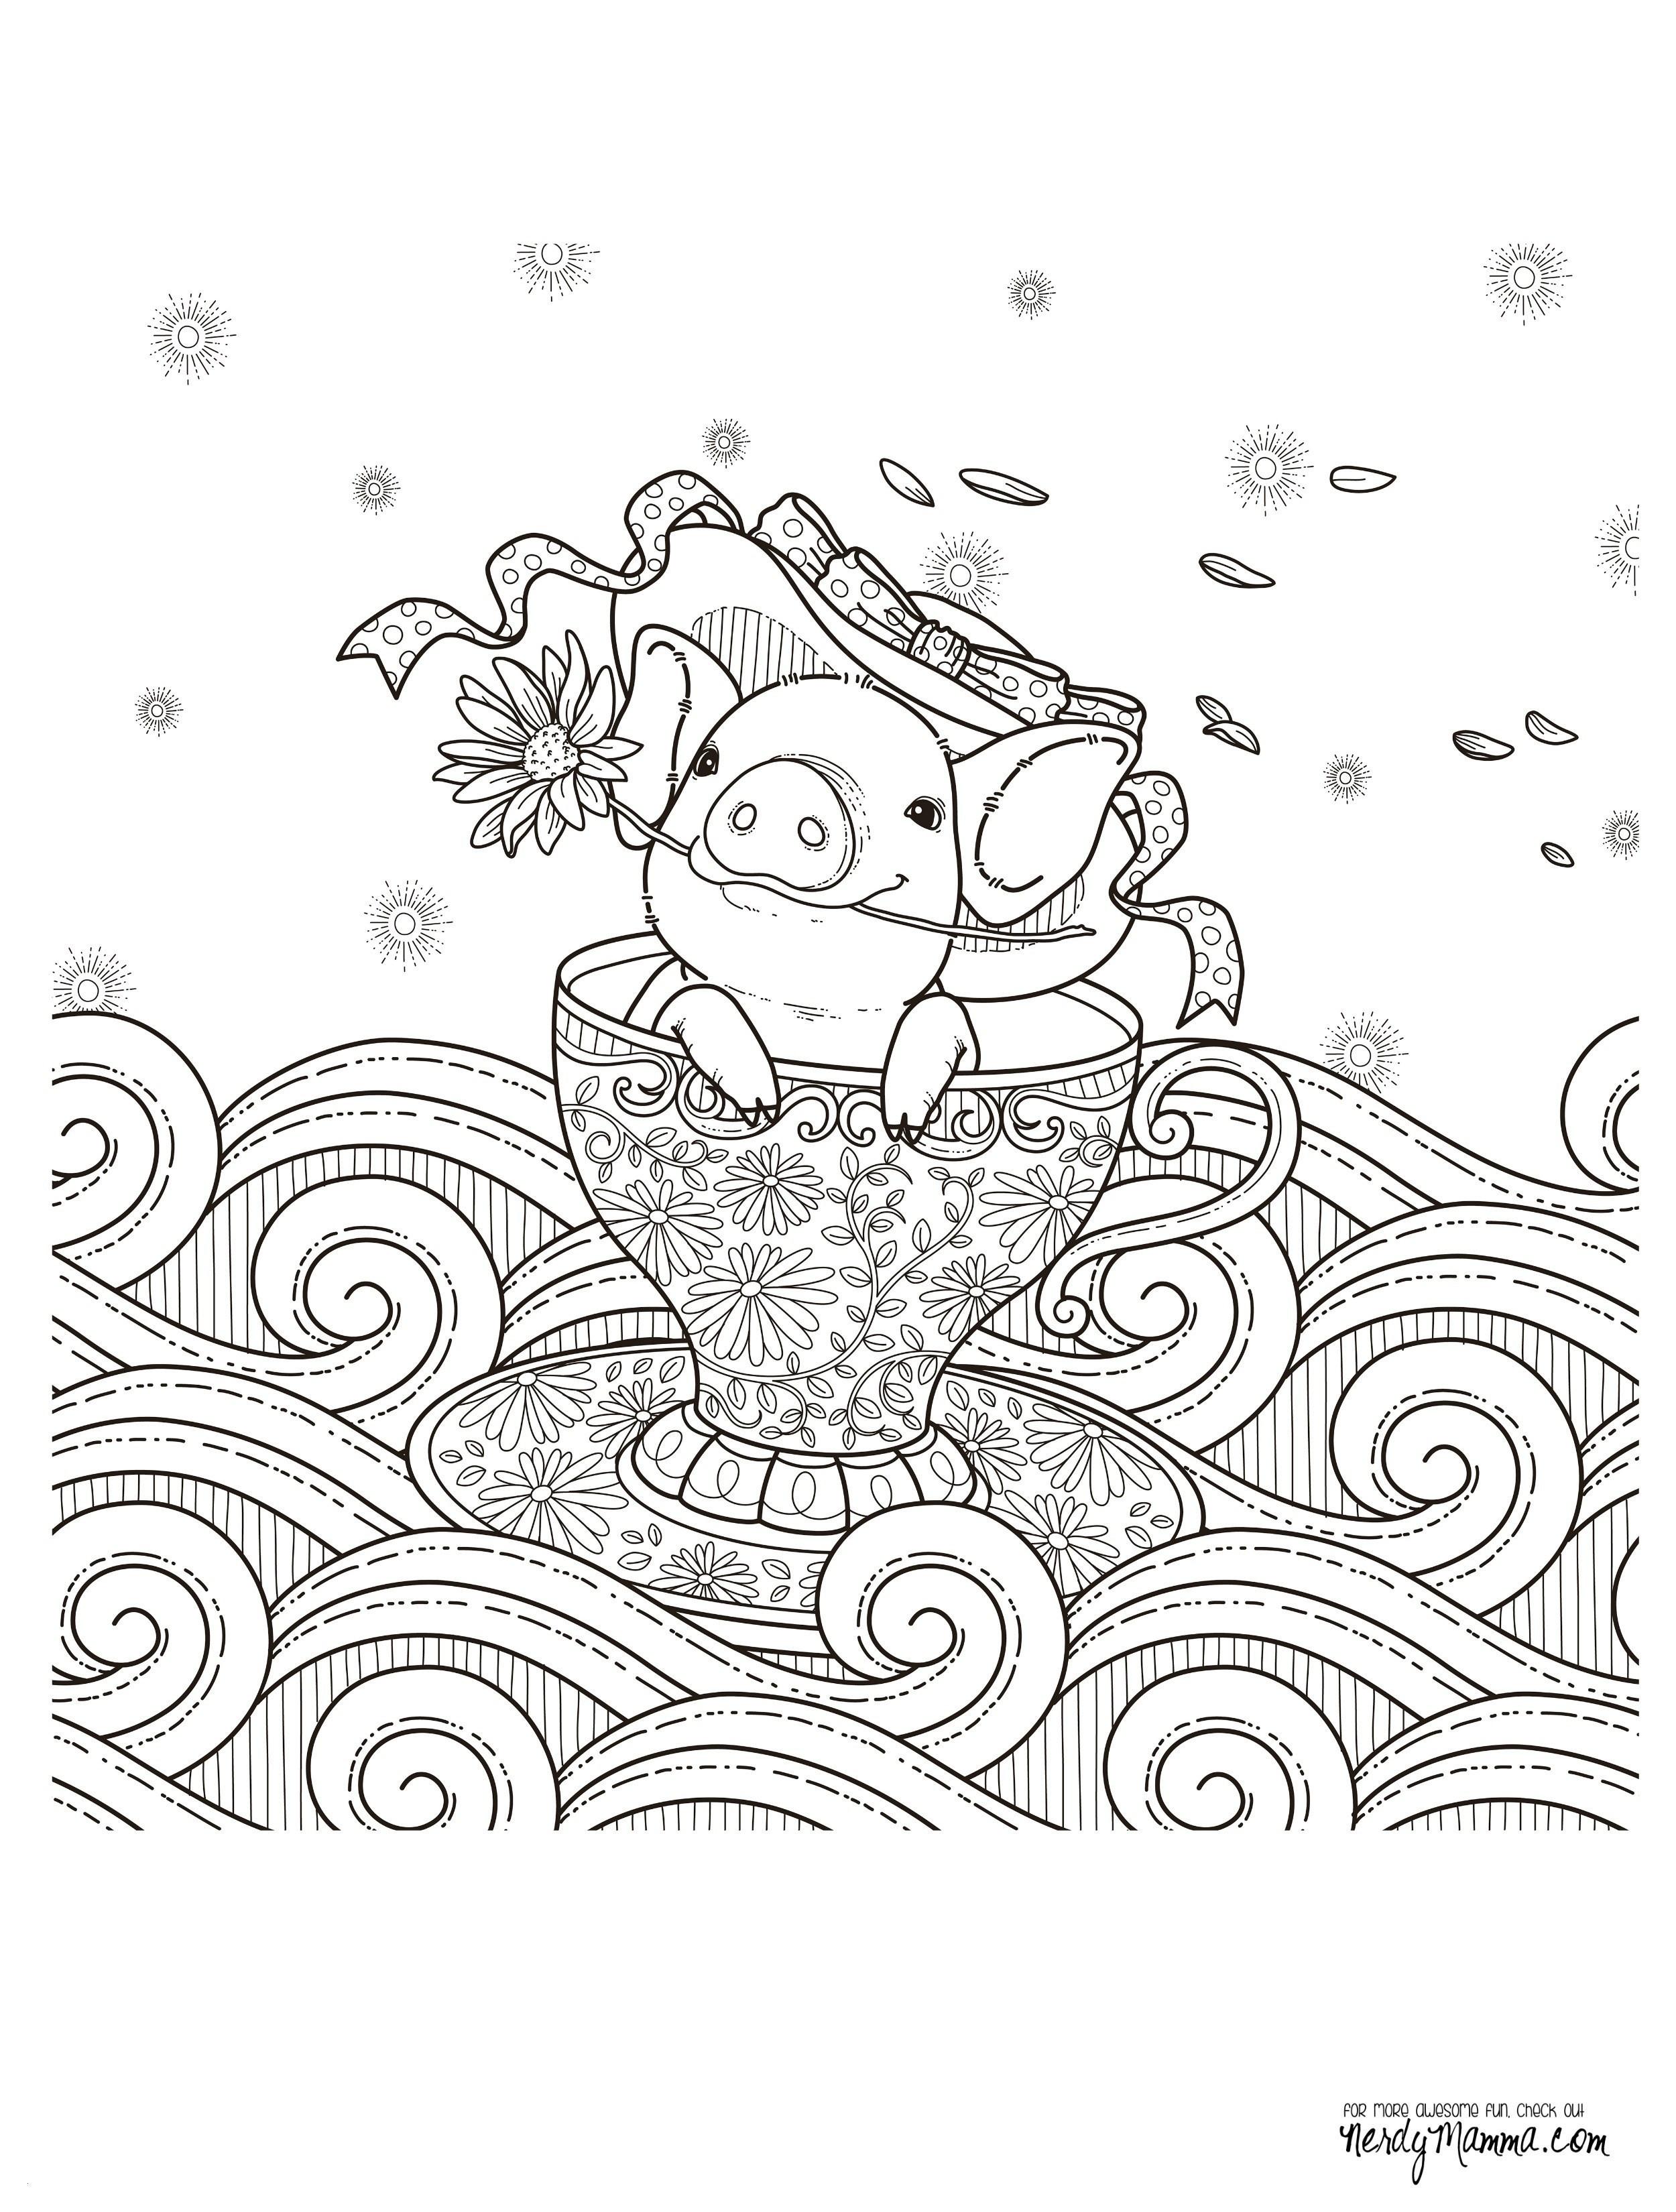 Ausmalbild Weihnachten Engel Das Beste Von Ausmalbilder Von Violetta Frisch Malvorlagen Igel Inspirierend Igel Fotos